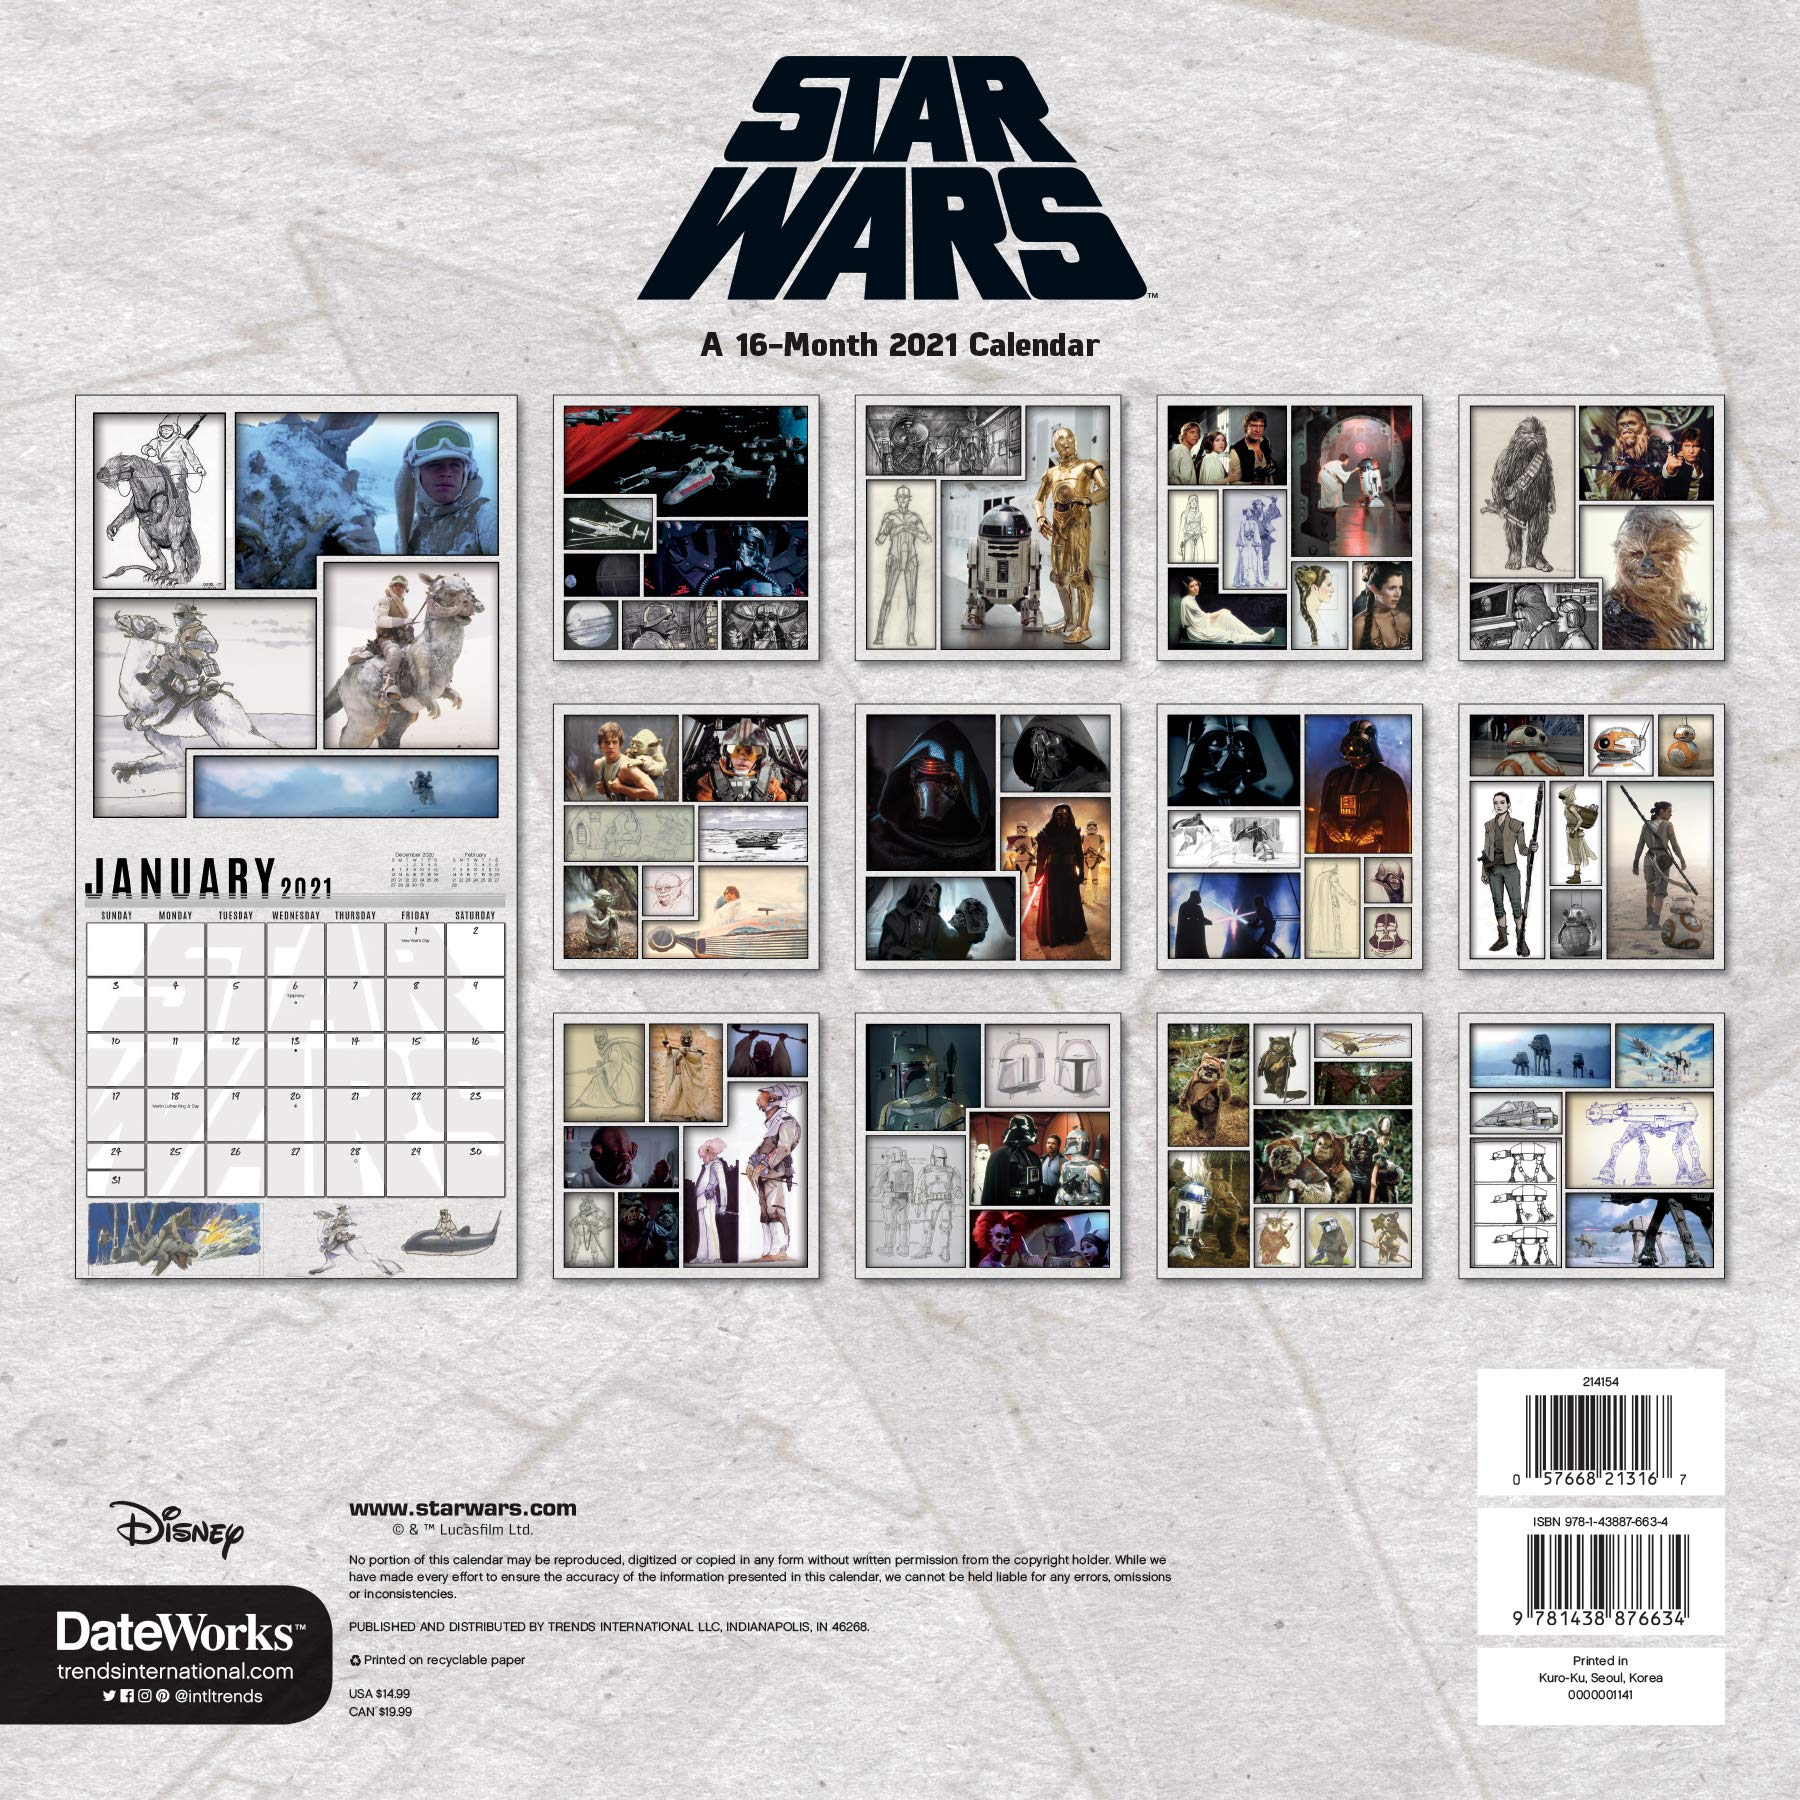 Star Wars 2021 Calendar 2021 Star Wars Wall Calendar: Trends International: 9781438876634